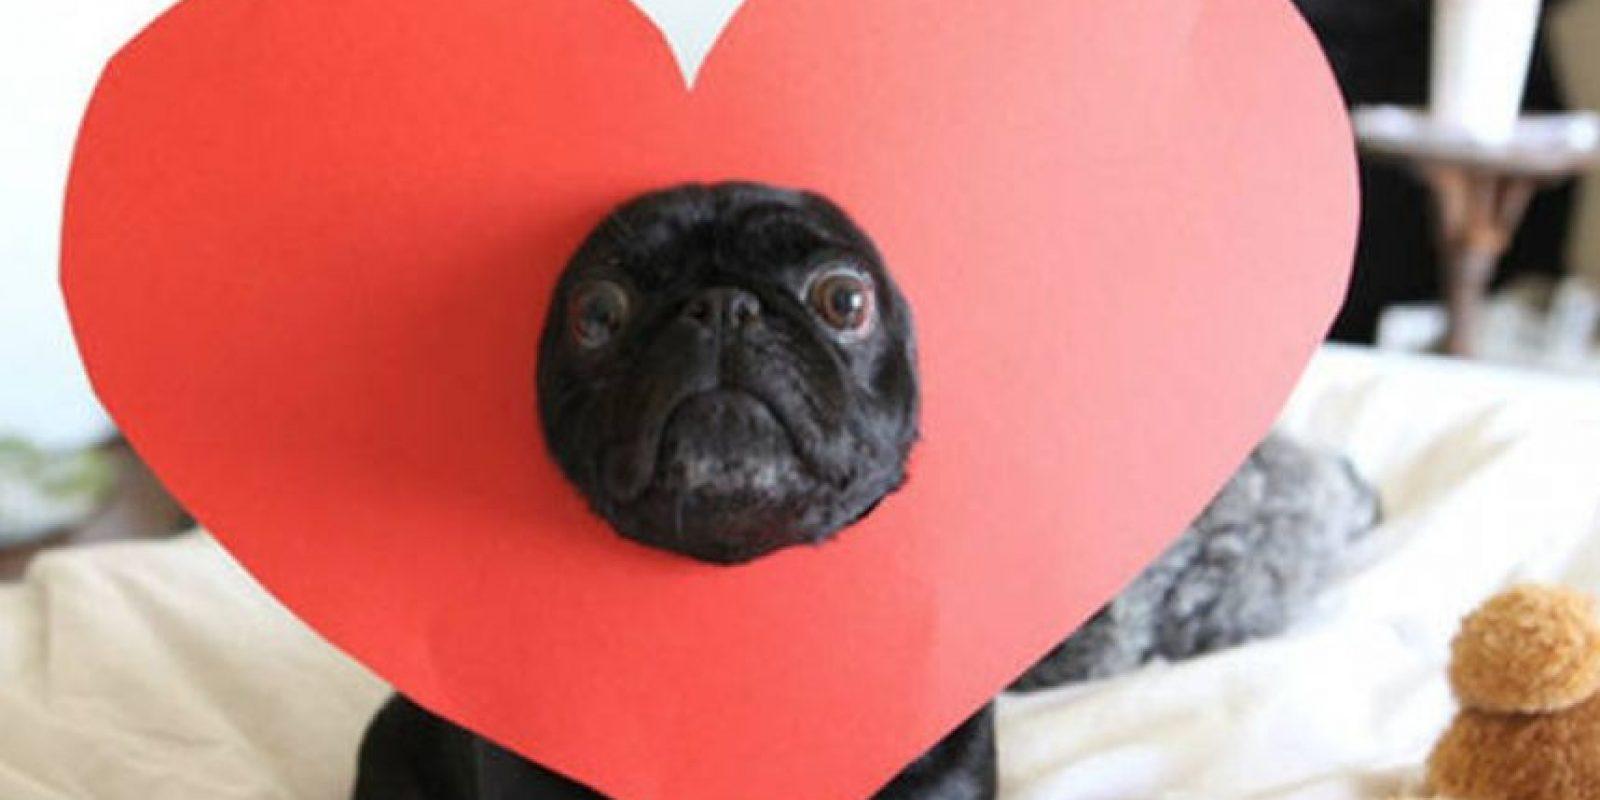 ¿Qué culpa tiene el perro? Foto:Tumblr.com/tagged-amor-cursi. Imagen Por: